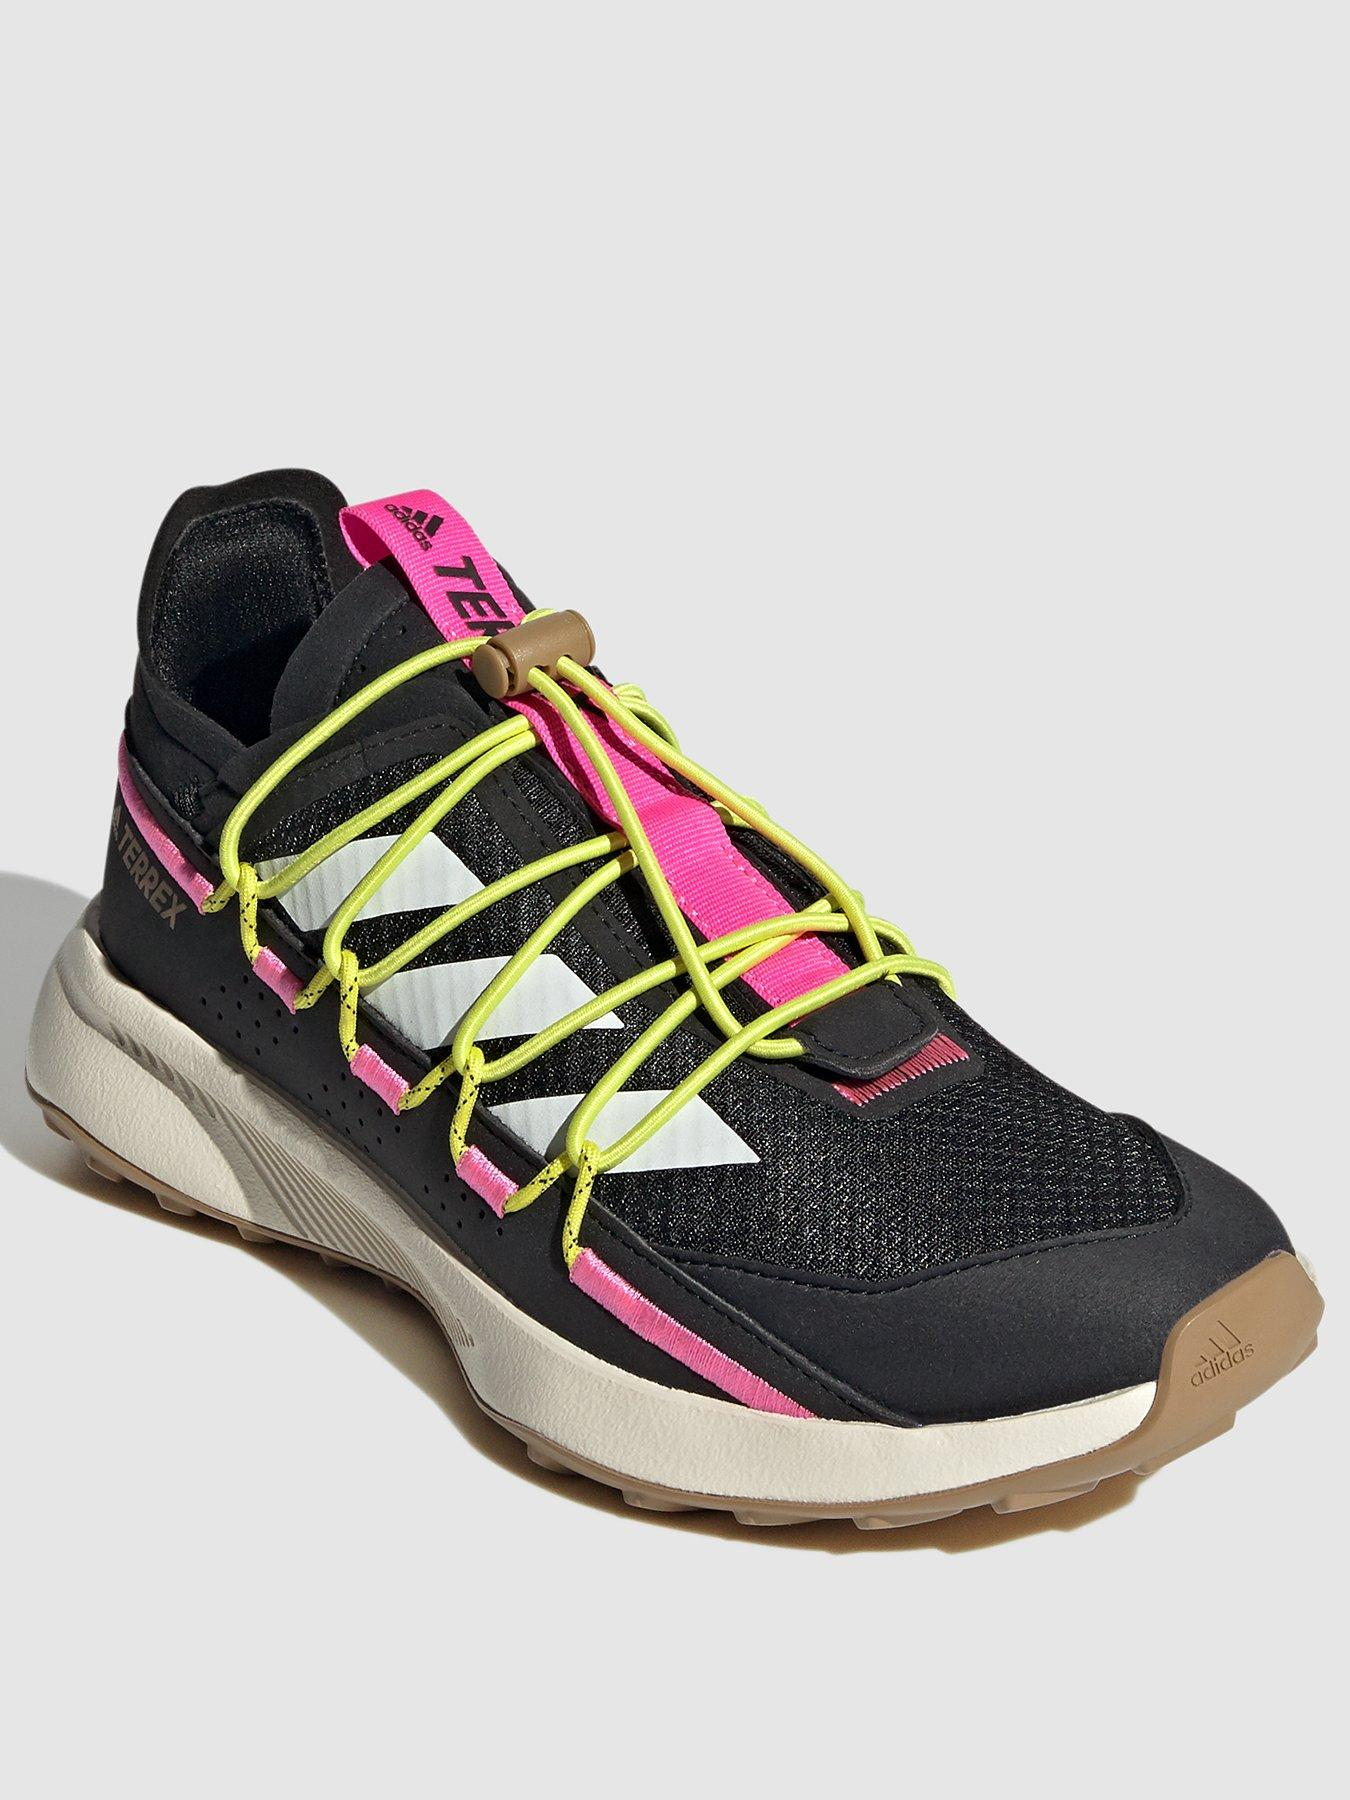 adidas walking shoes ladies